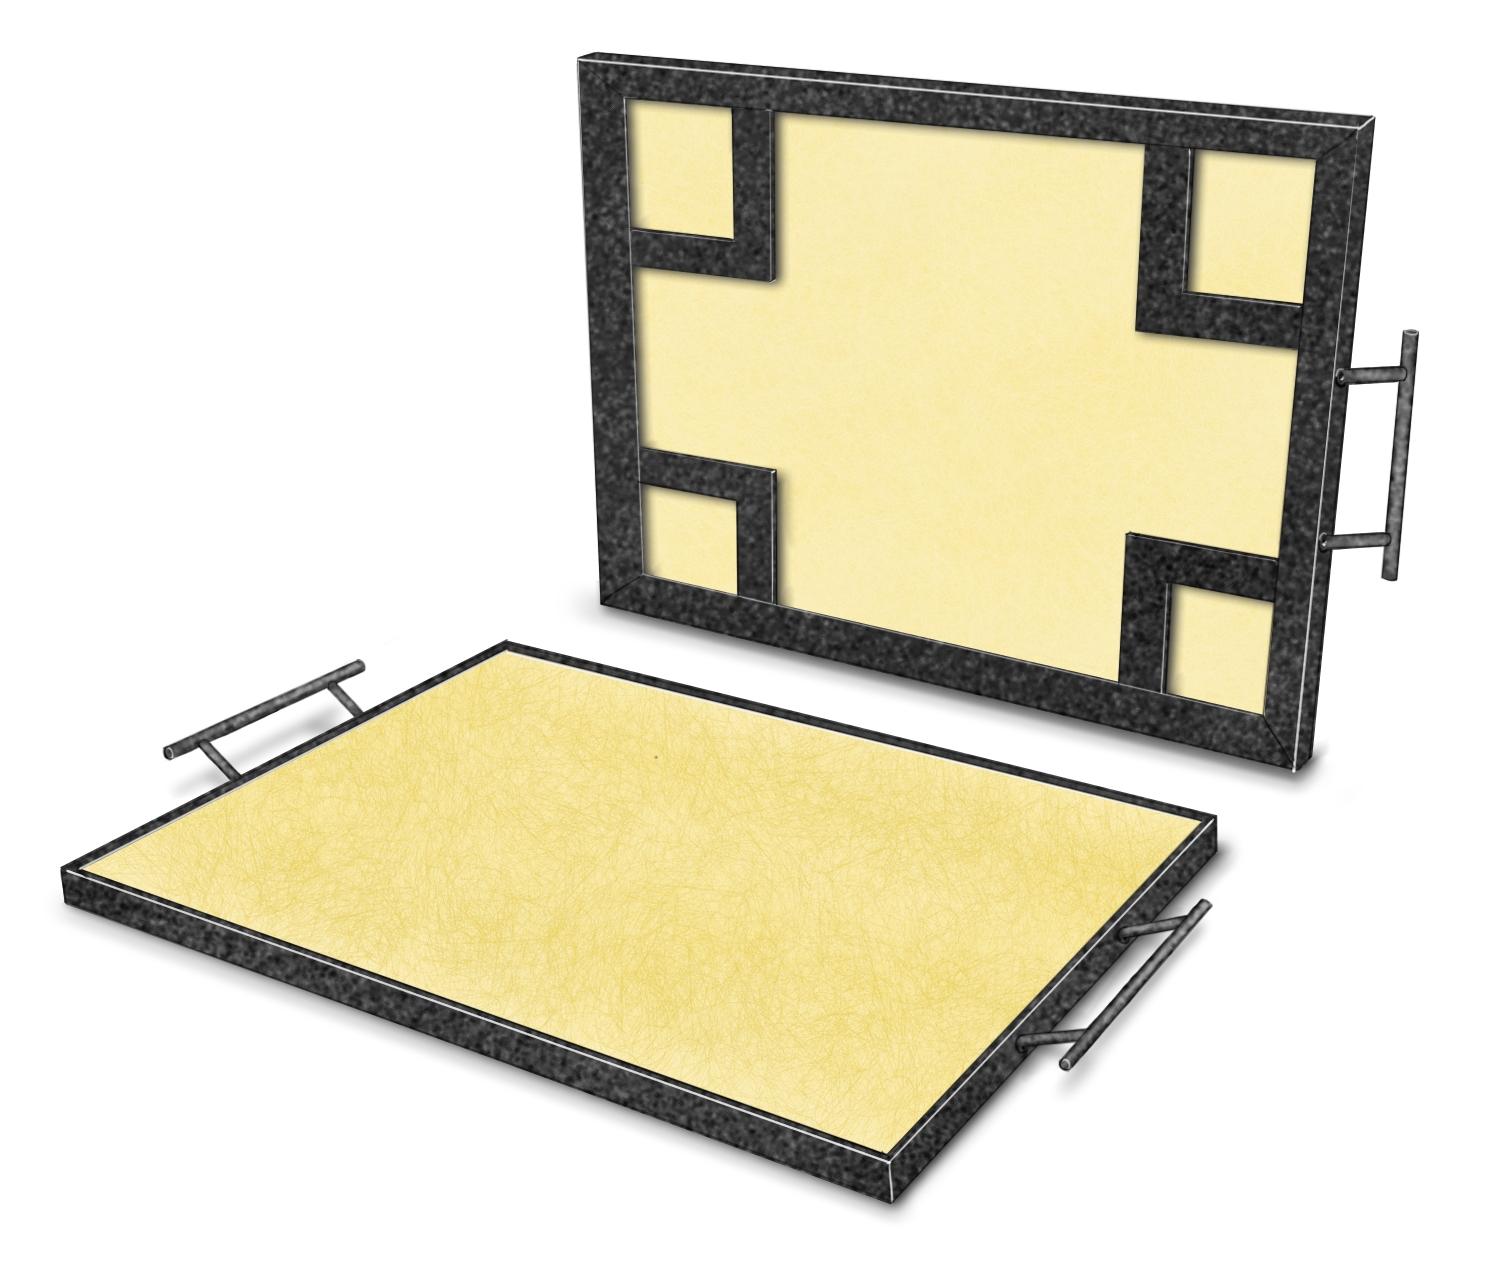 tray 06.jpg